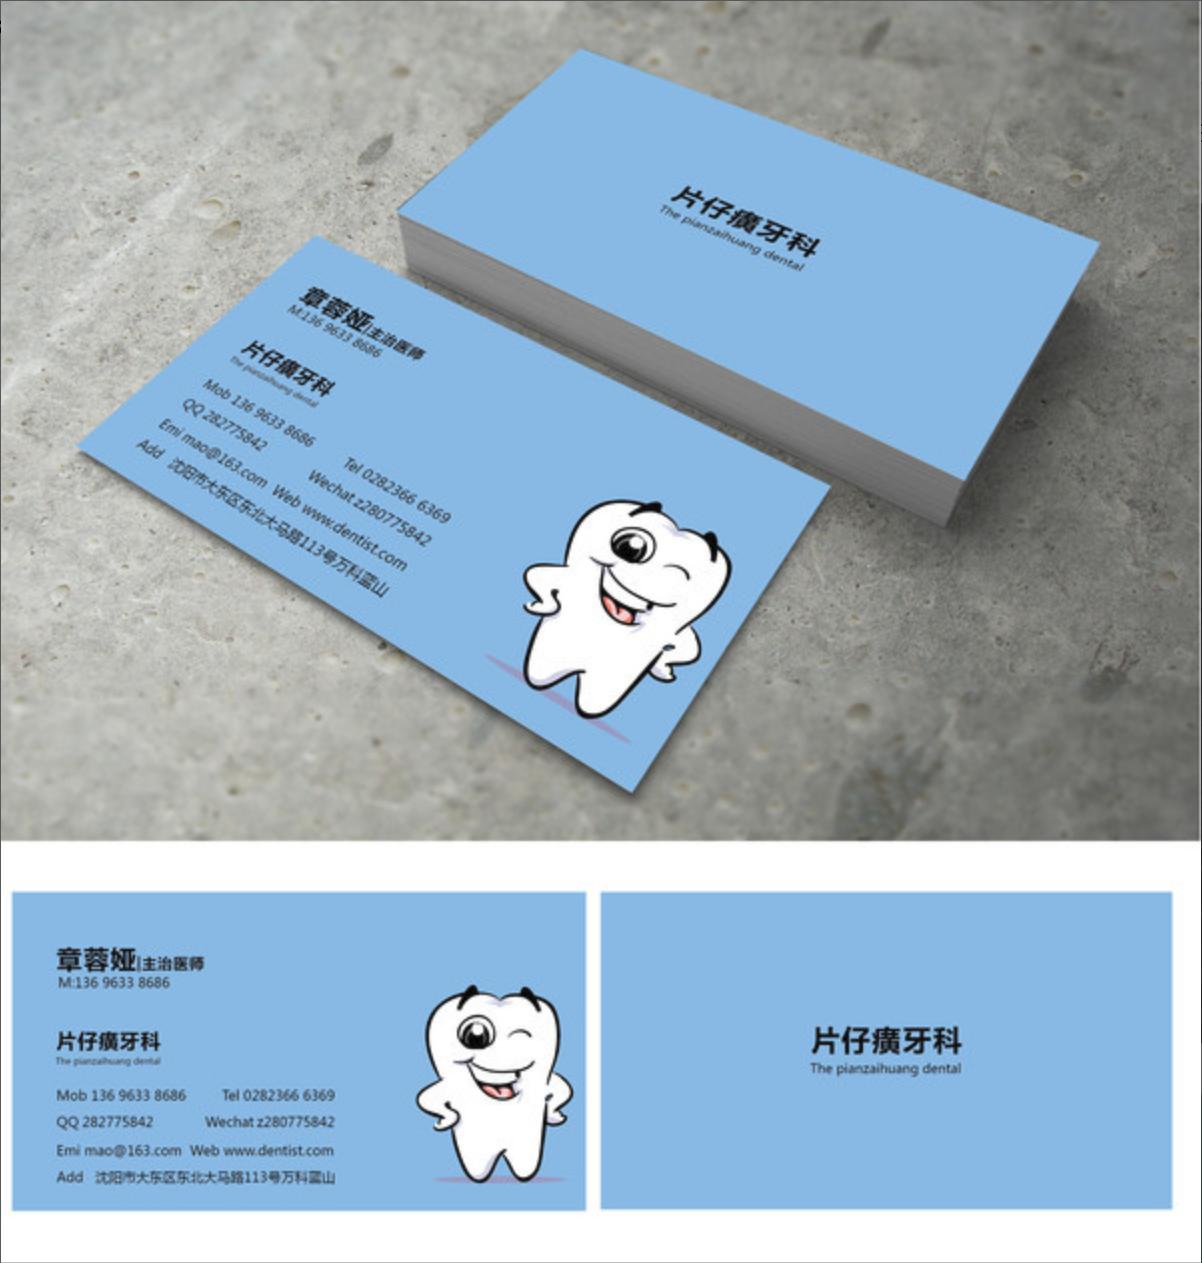 创意社交名片设计参考 有哪些关于牙科的名片